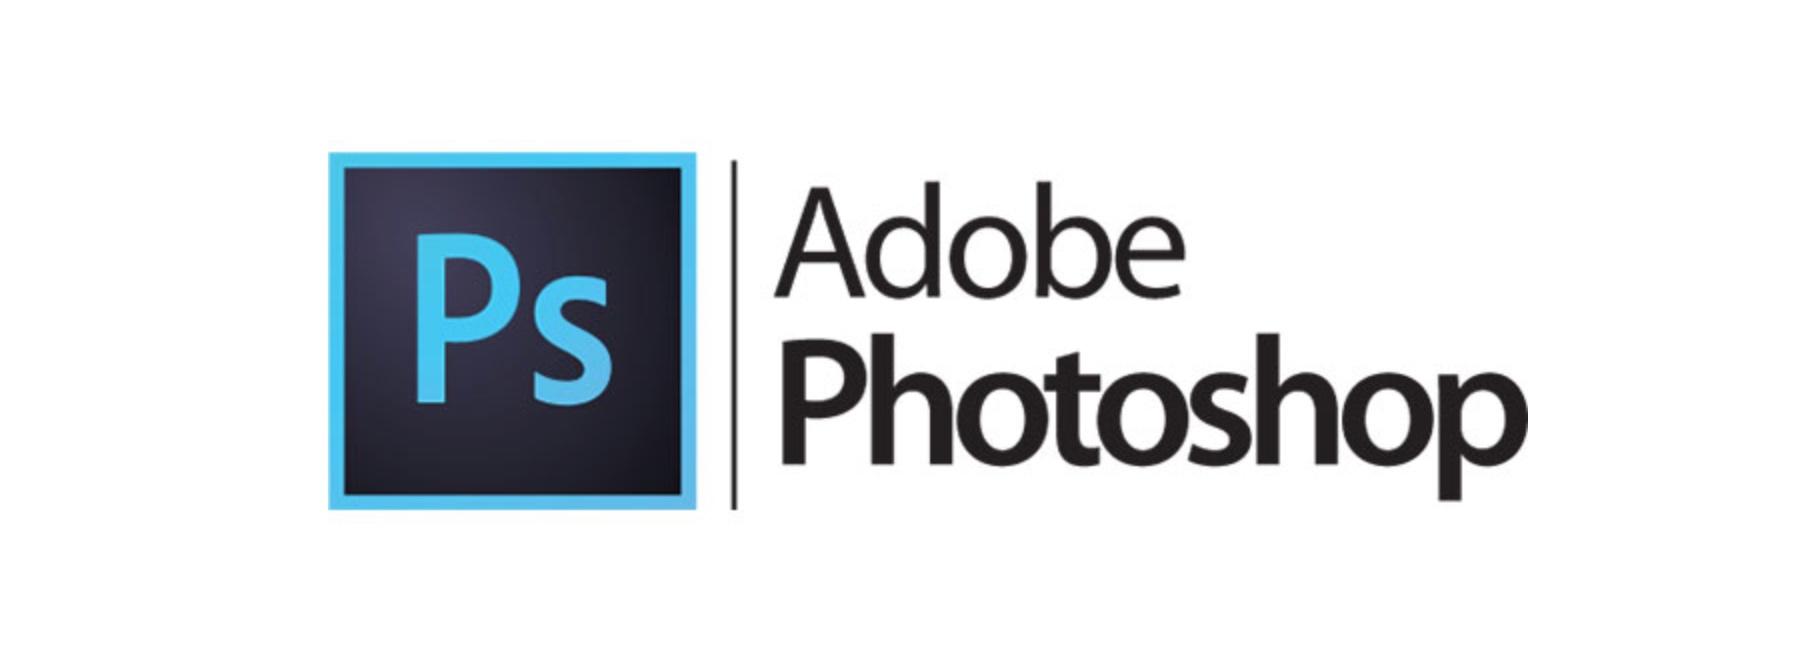 Adobe Photoshop CC v22.2.0.183 Crack 2021 Full Version [2021]